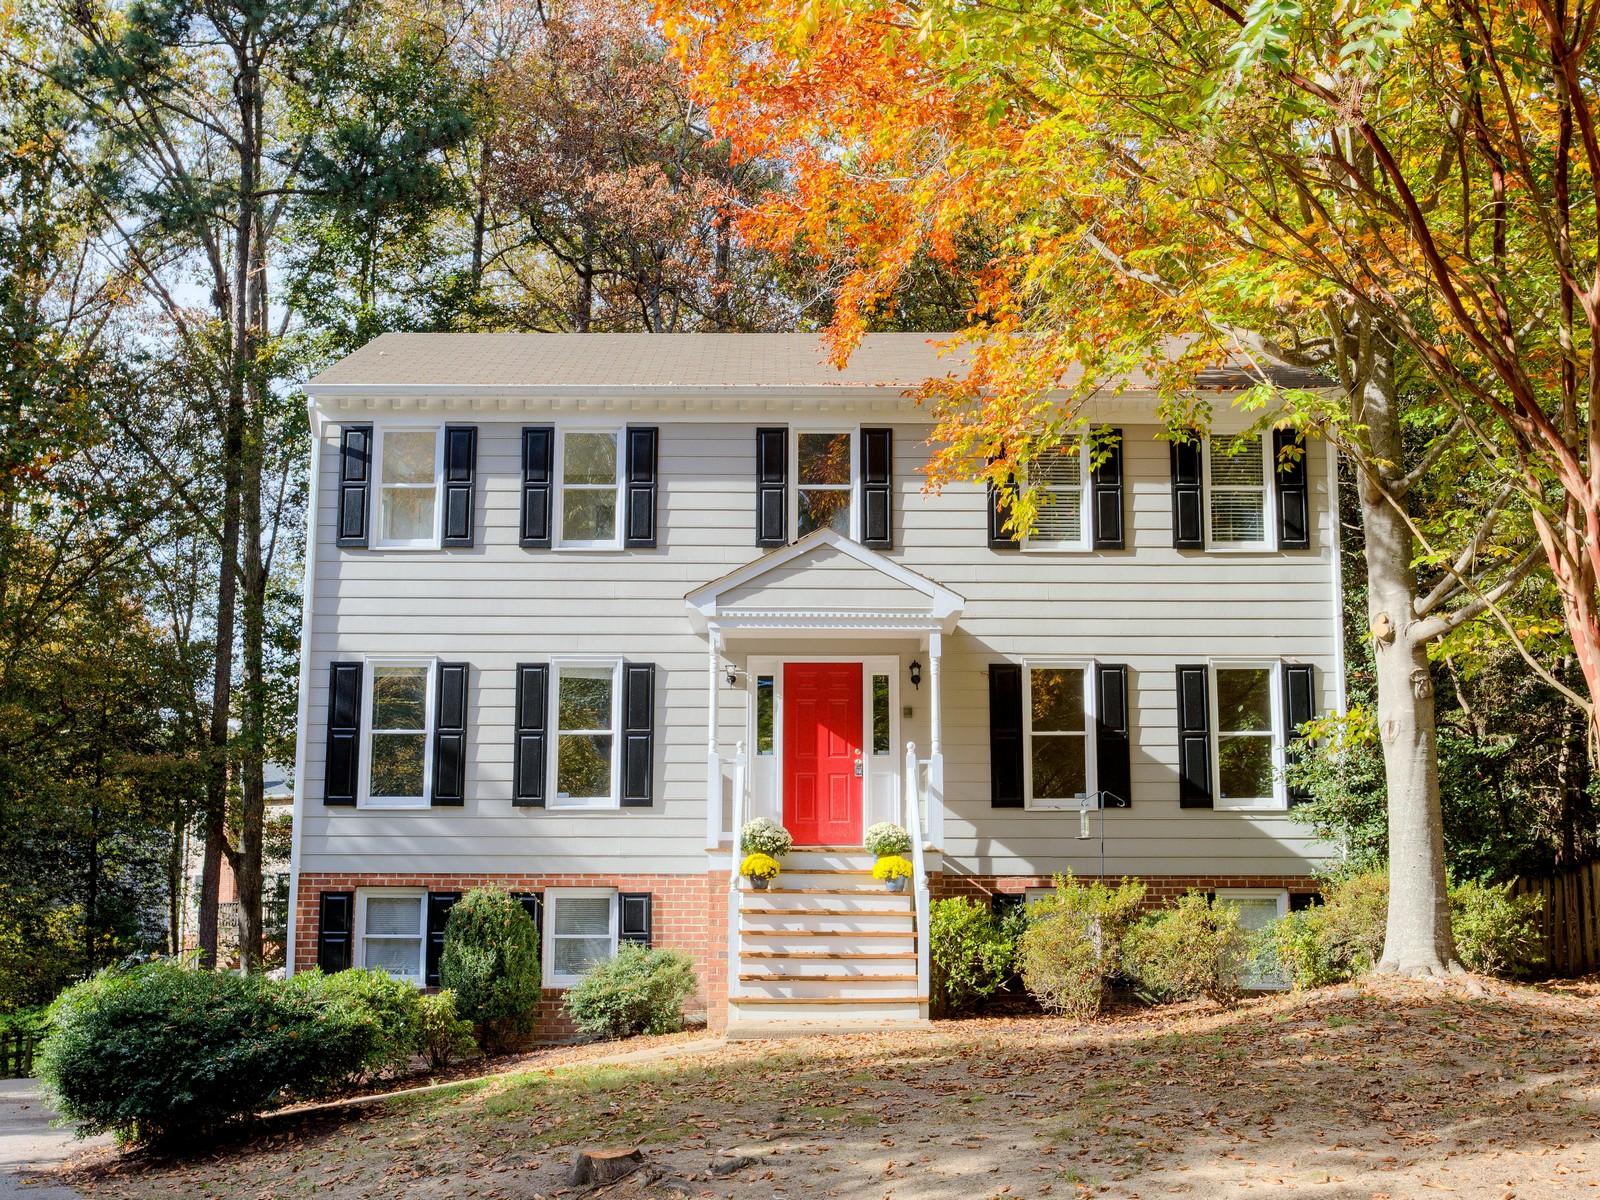 단독 가정 주택 용 매매 에 2604 Krossridge, North Chesterfield 2604 Krossridge Rd Richmond, 버지니아, 23236 미국